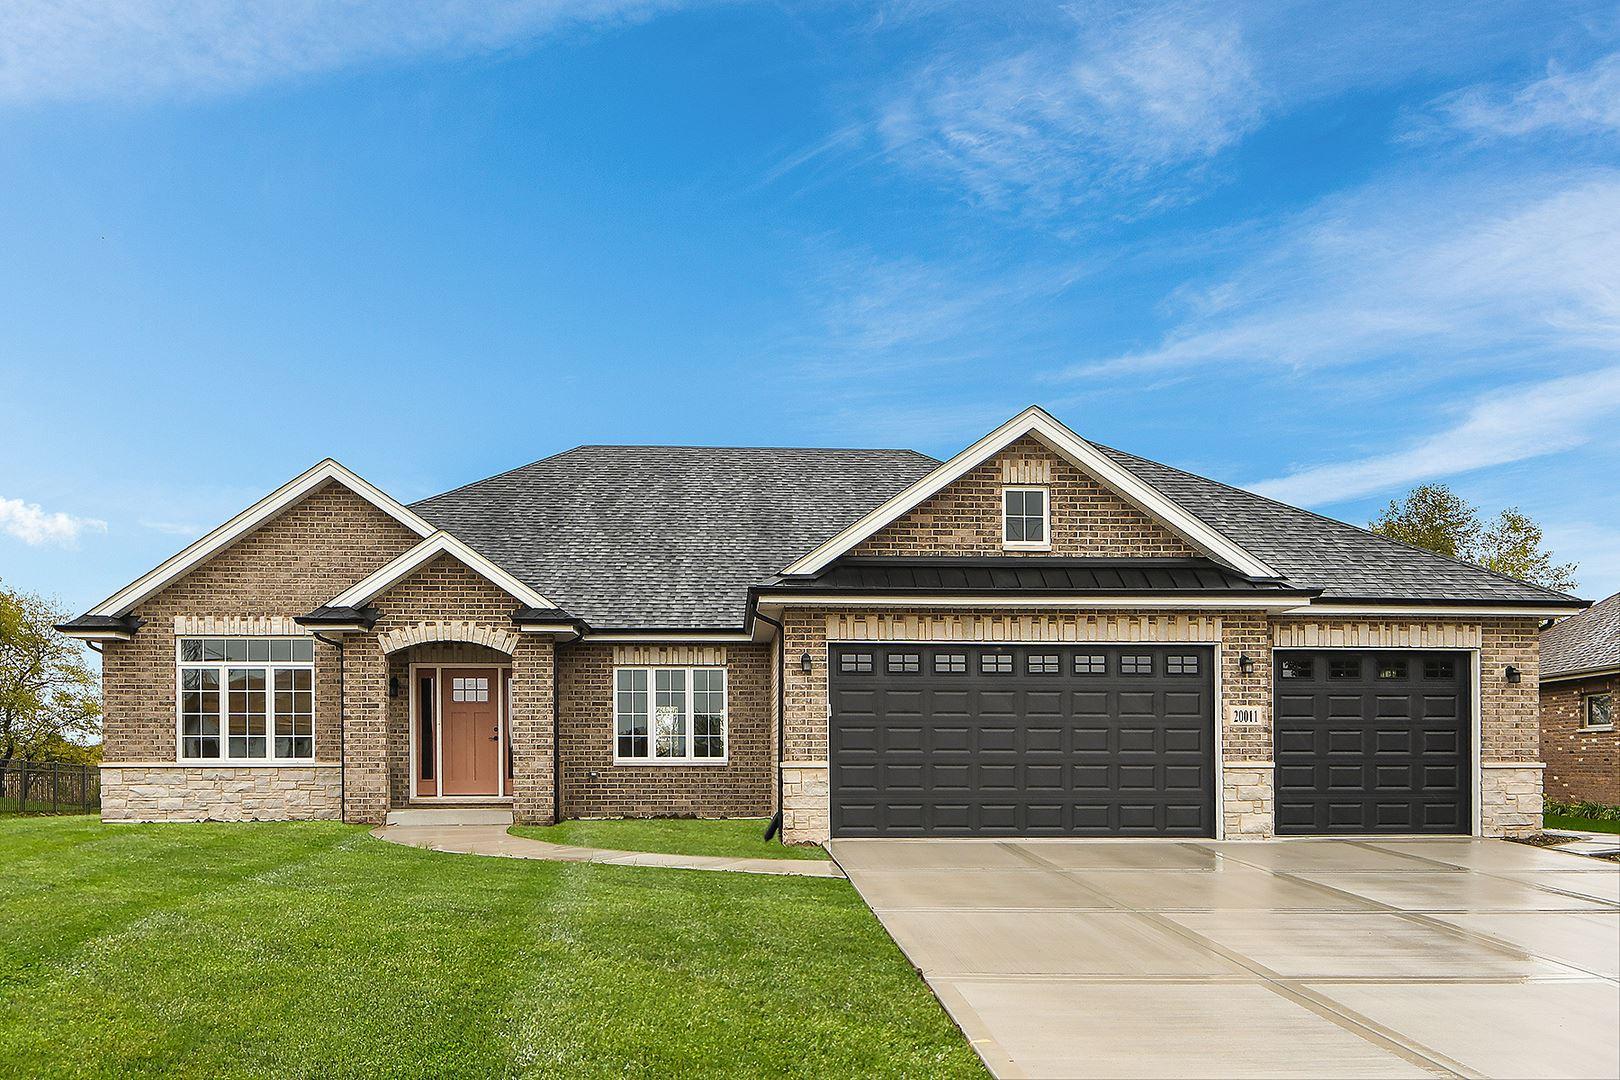 20011 Aine Drive, Frankfort, IL 60423 - MLS#: 11095498